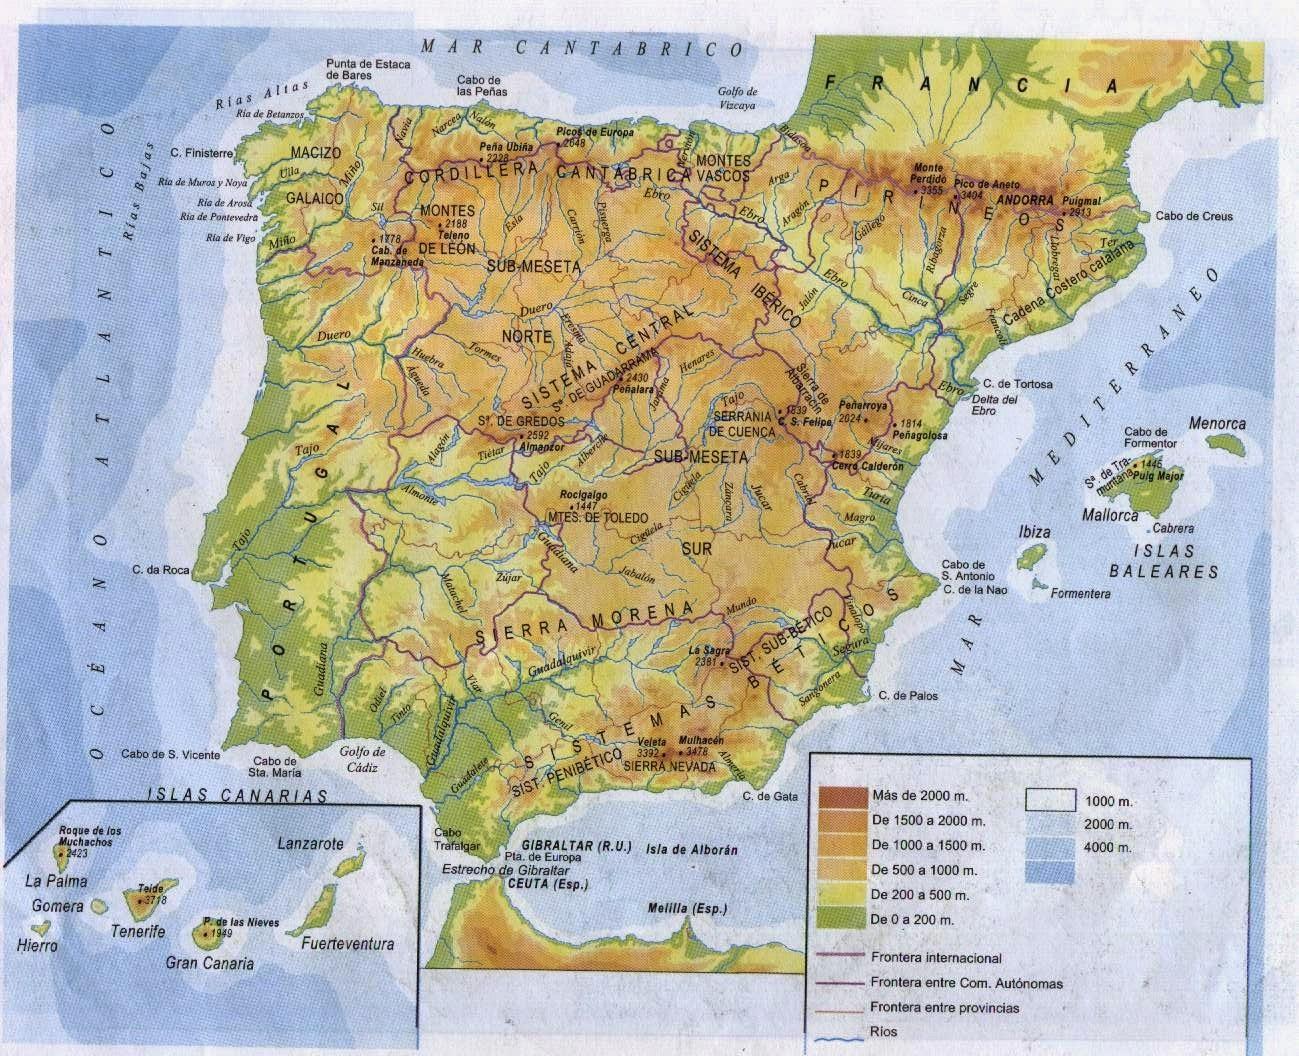 Mapas del mundo interactivos (países, banderas, cordilleras, ríos...